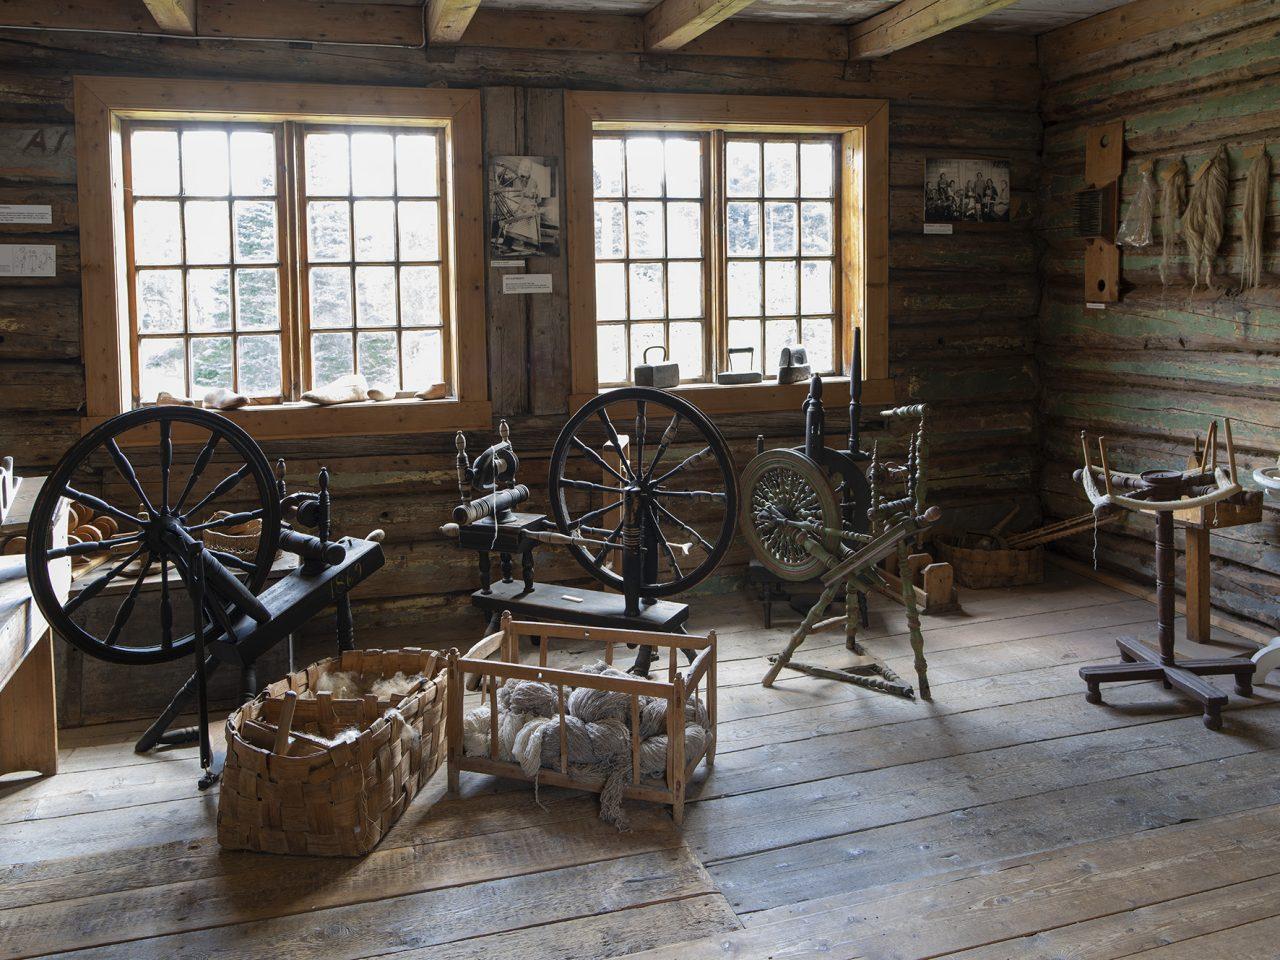 Vefsn.Tekstilutstilling Rynesstua